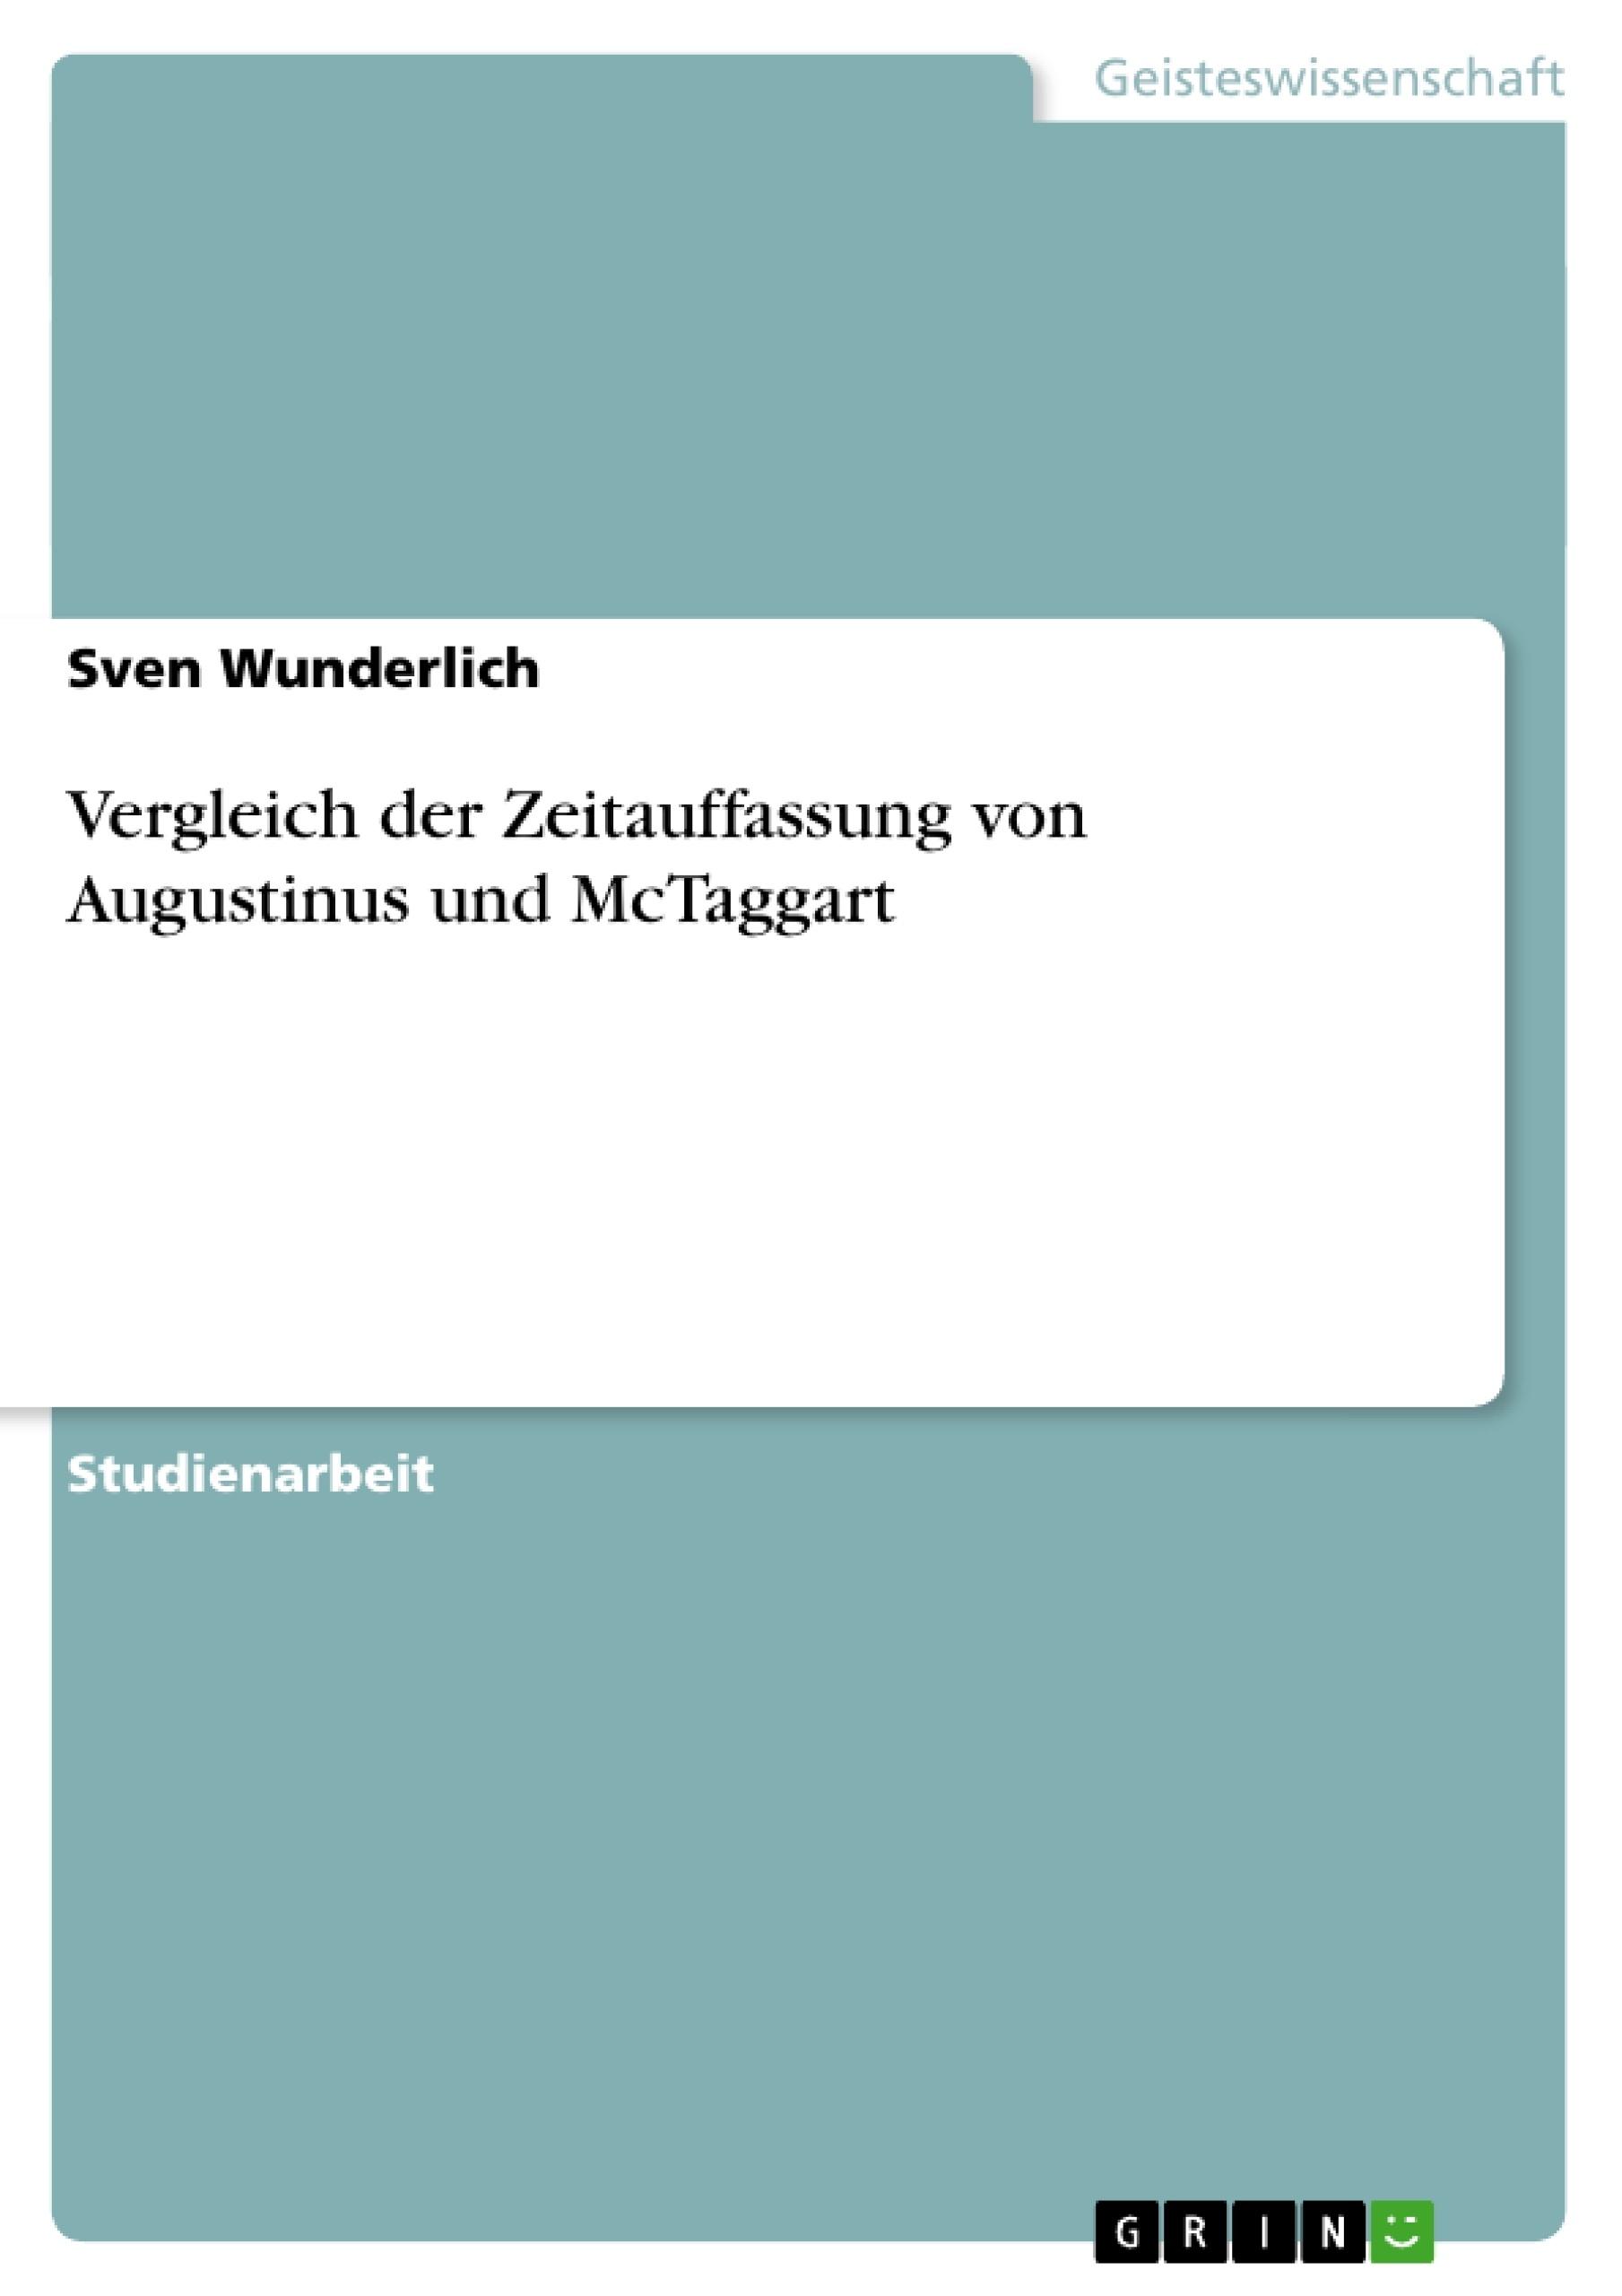 Titel: Vergleich der Zeitauffassung von Augustinus und McTaggart